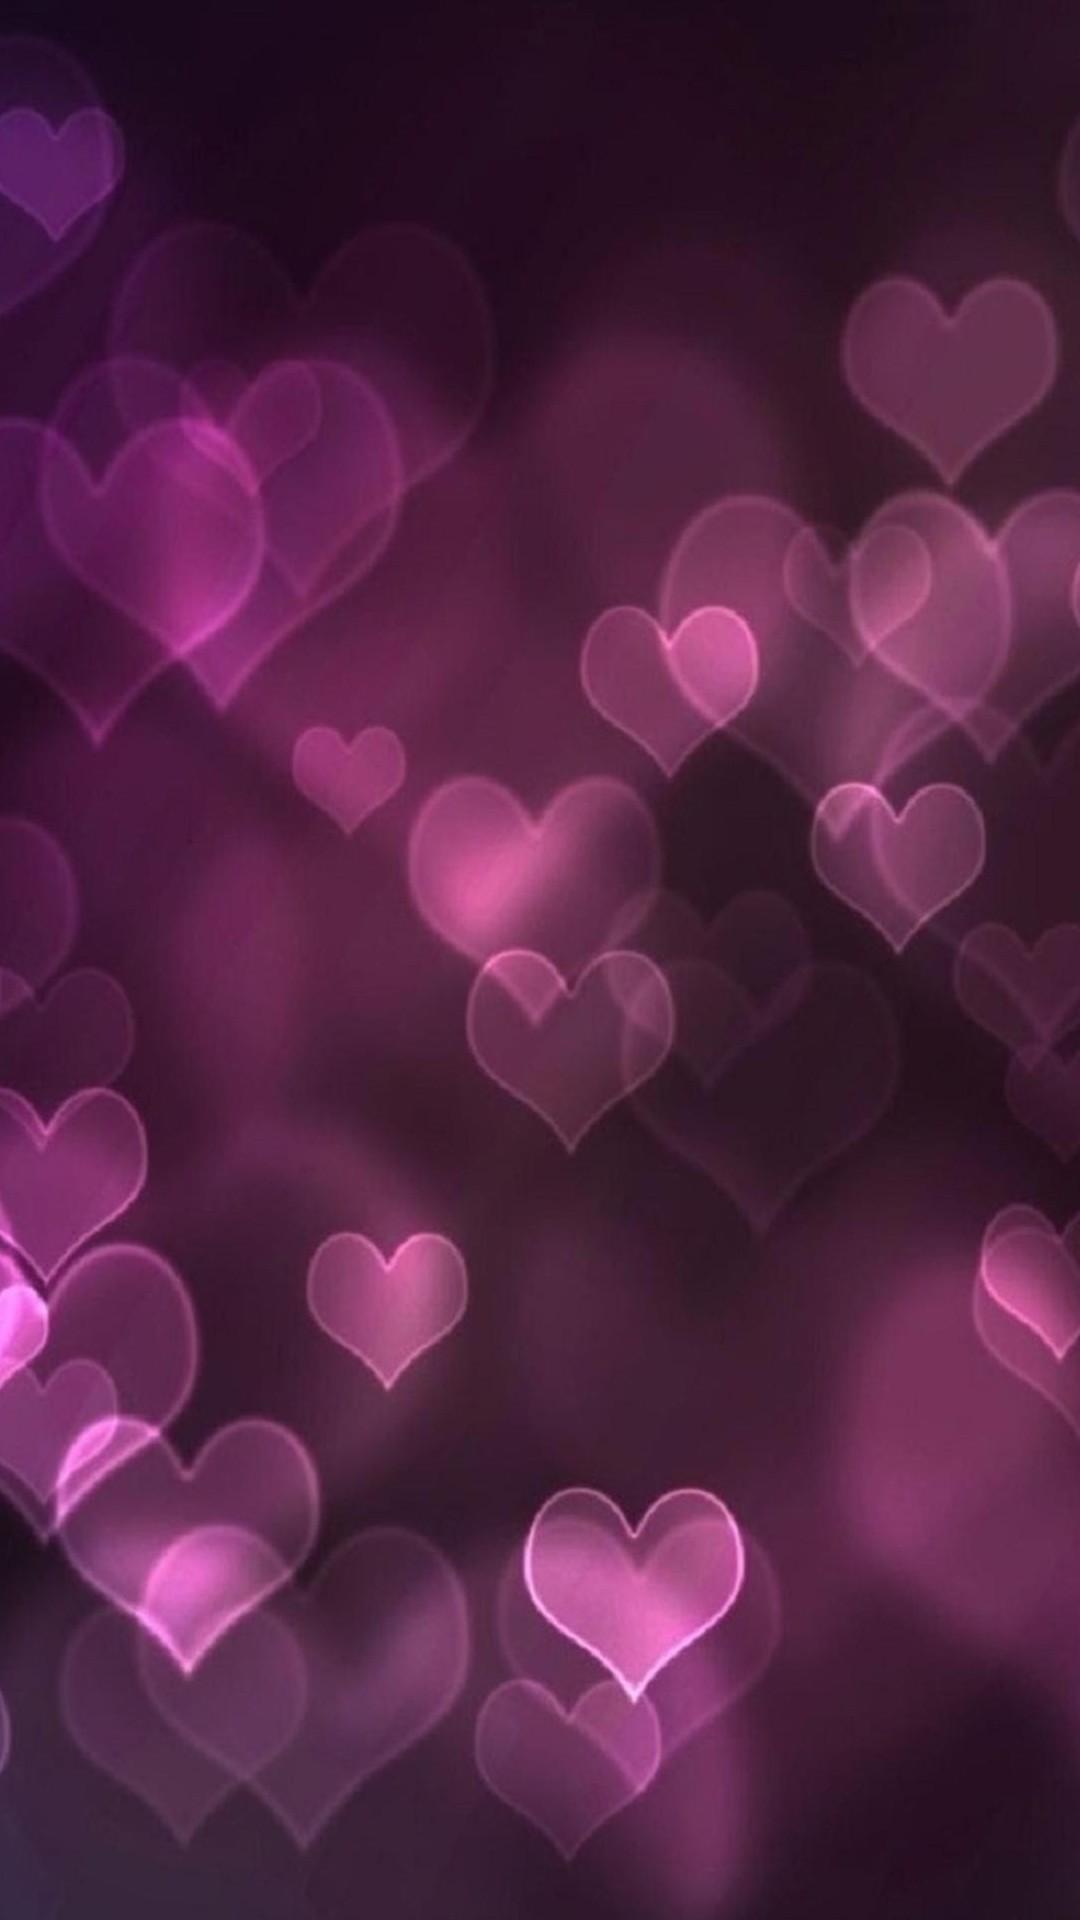 Res: 1080x1920, Pink Hearts Wallpaper